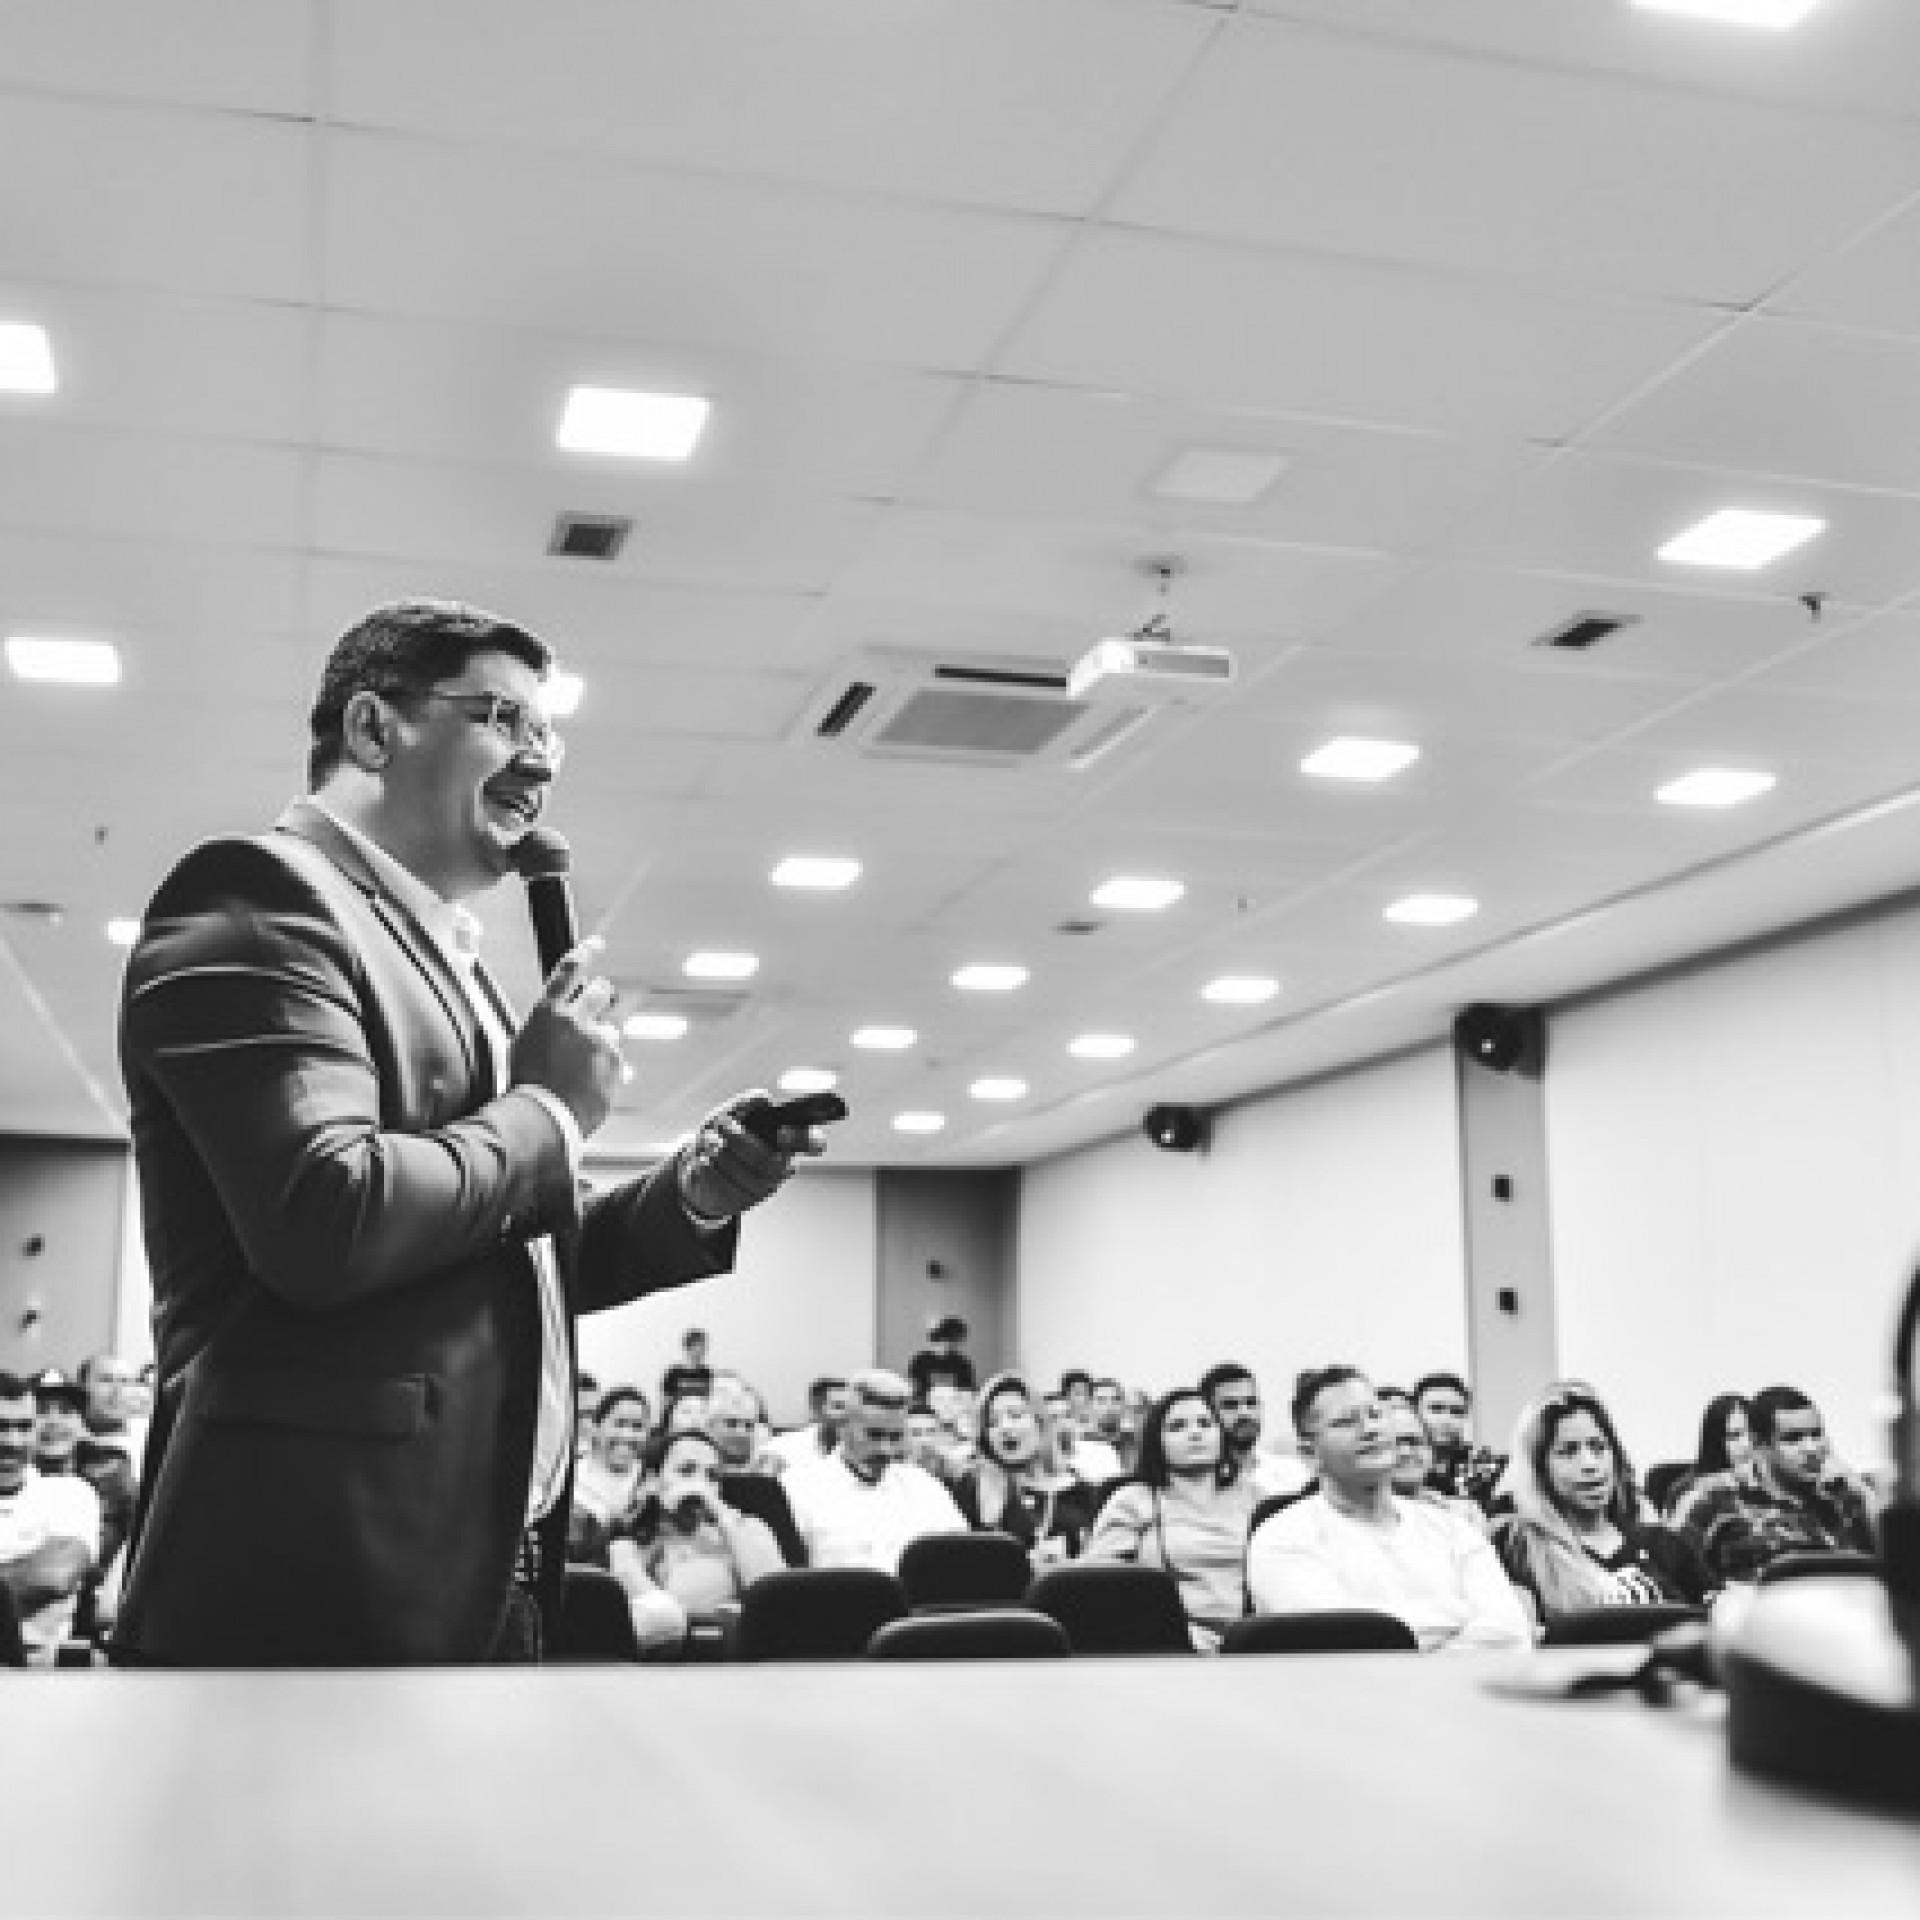 Luciano Farias desenvolveu o AulasQueVendem, treinamento online ensinando pessoas a transformarem seus conhecimentos em um negócio digital lucrativo